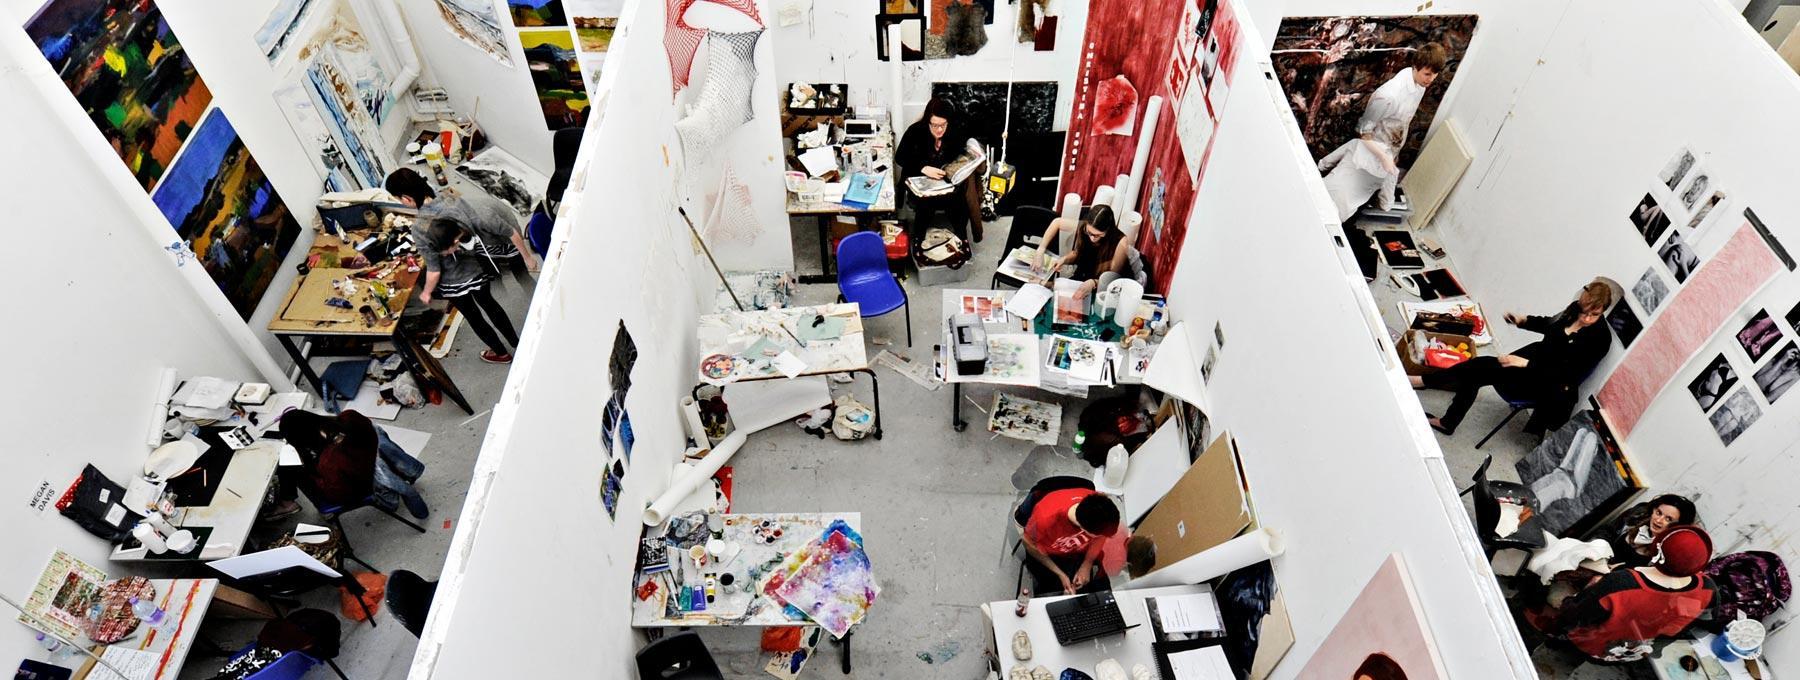 [排名] 2018完全大學指南英國藝術設計科系大學排名與整理